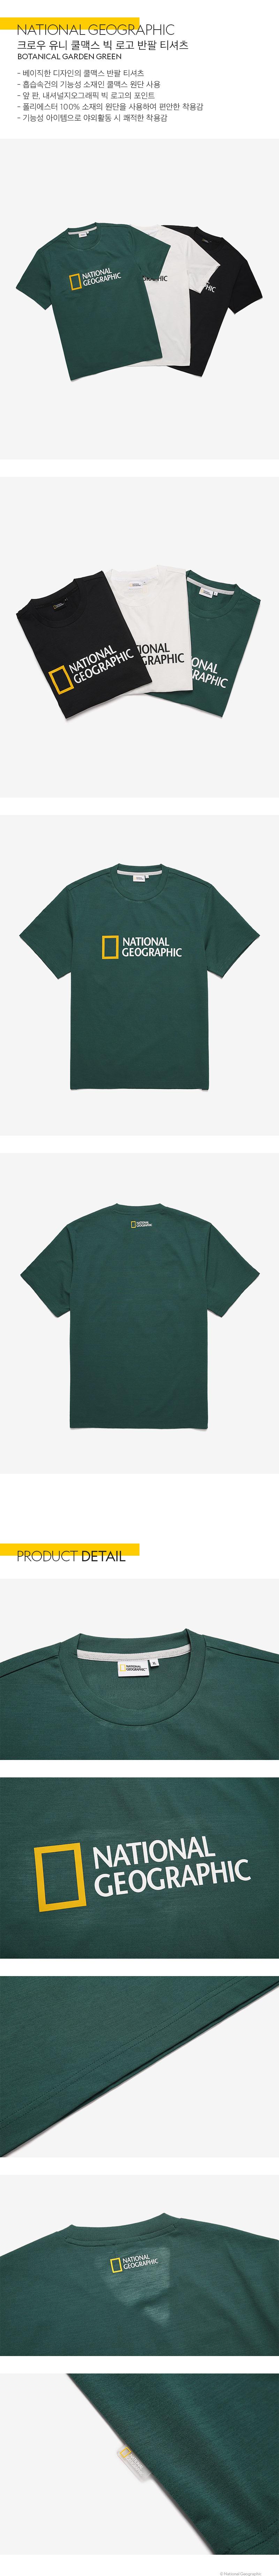 내셔널지오그래픽(NATIONALGEOGRAPHIC) N212UTS670 크로우 유니 쿨맥스 빅 로고 반팔 티셔츠 BOTANICAL GARDEN GREEN